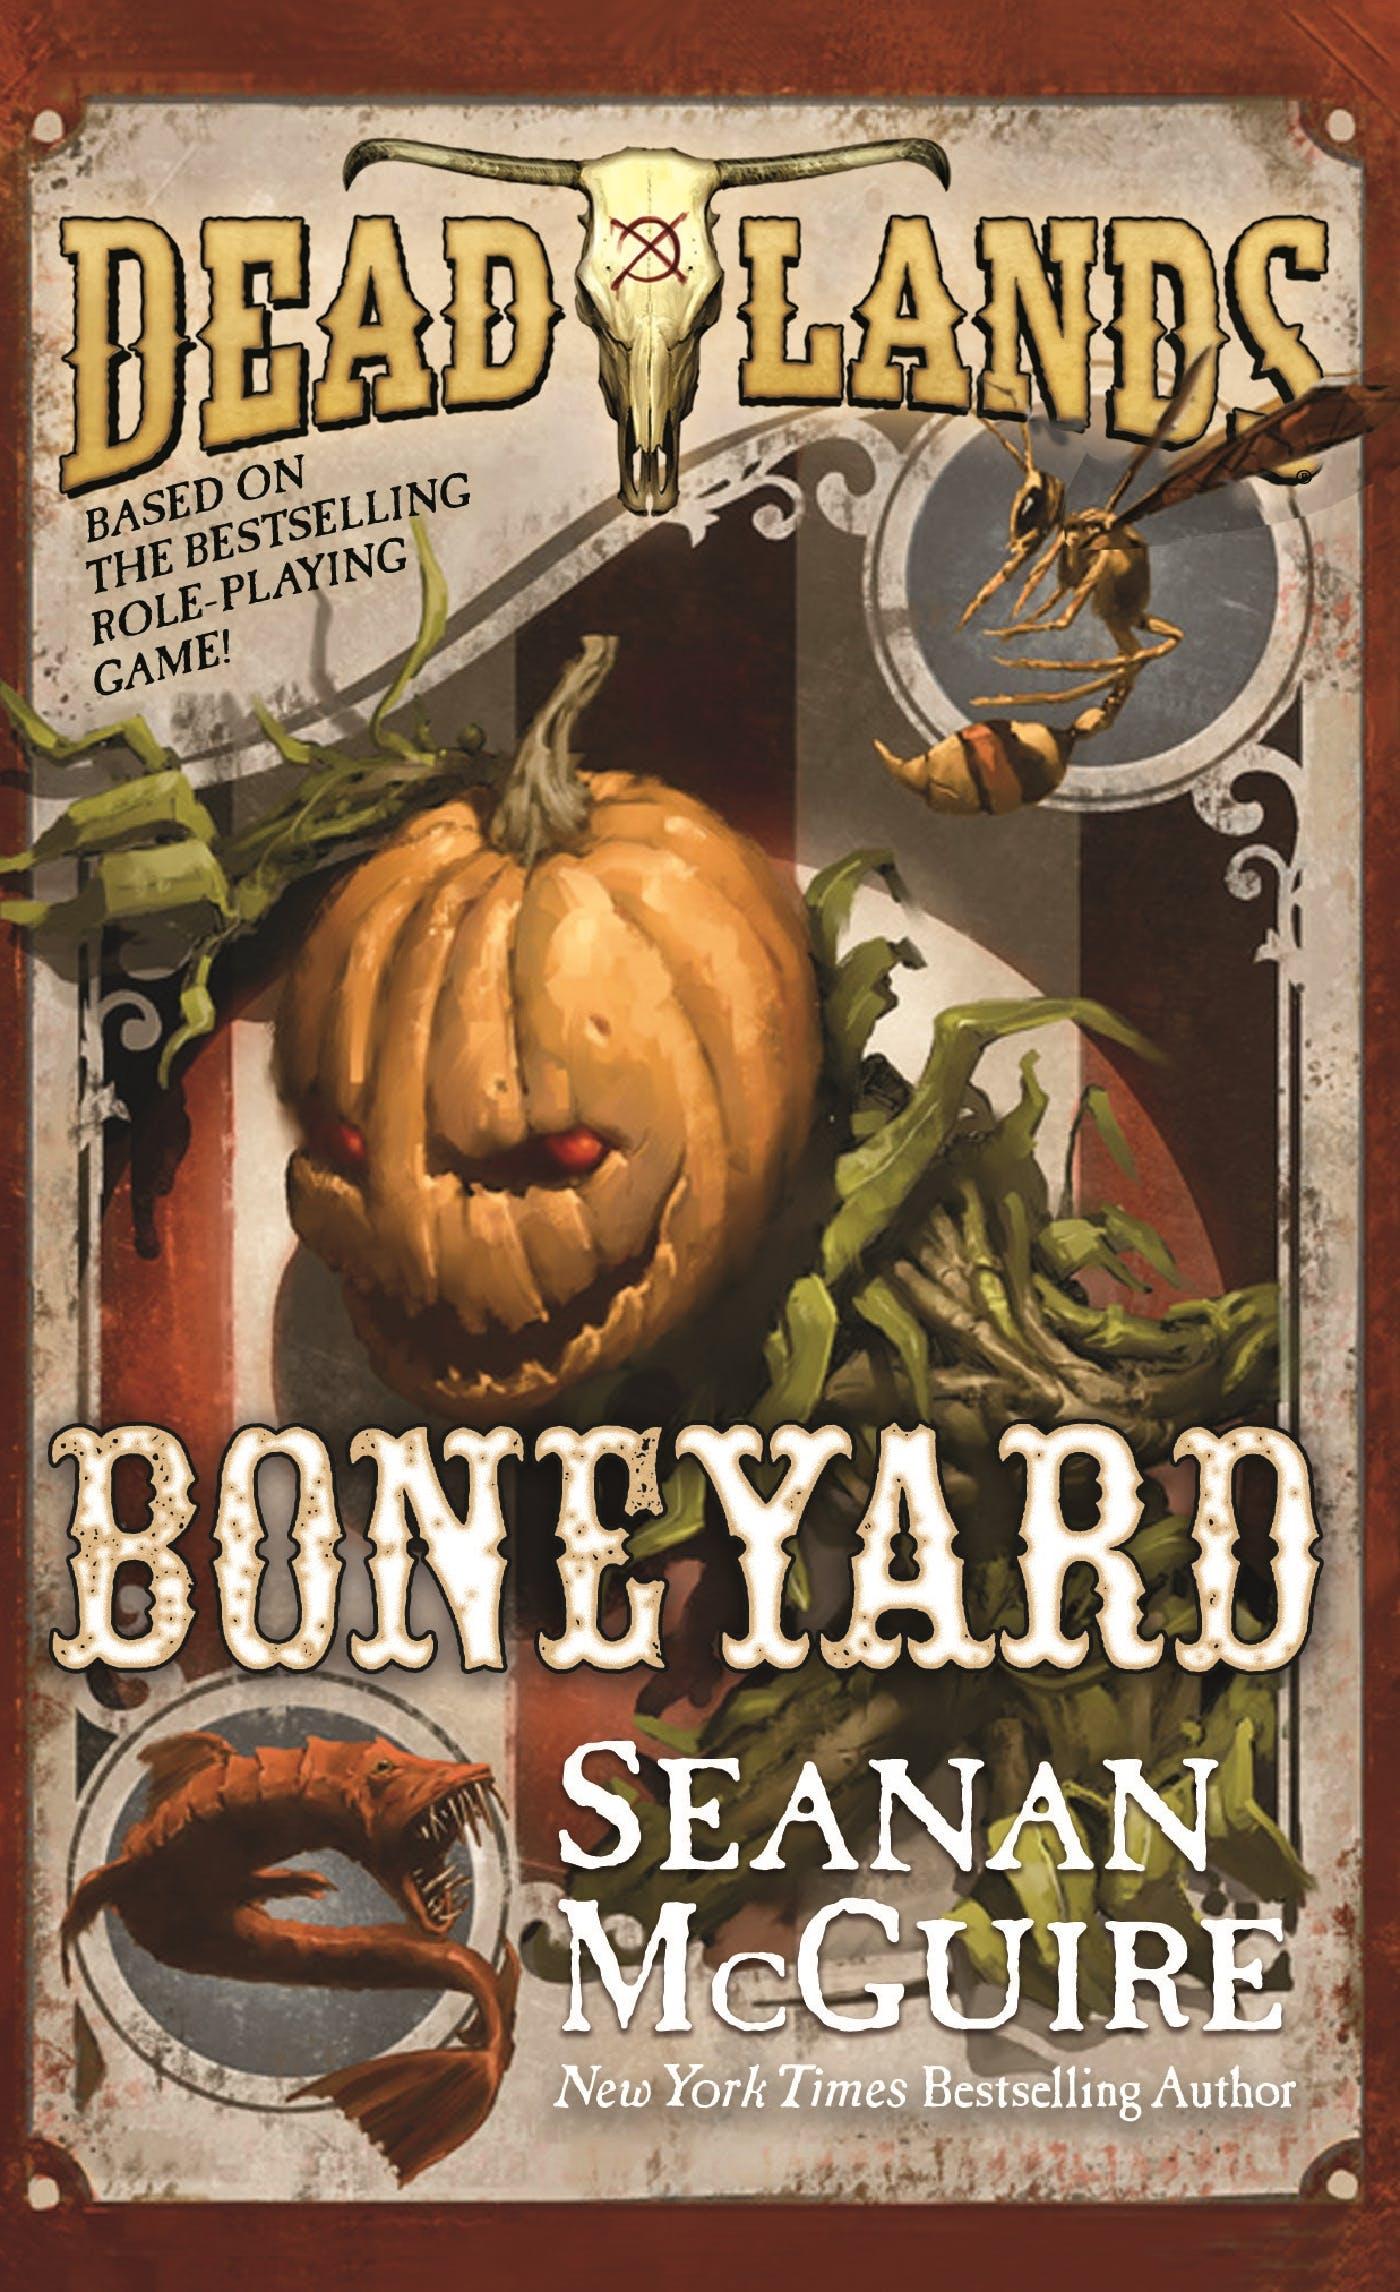 Image of Deadlands: Boneyard